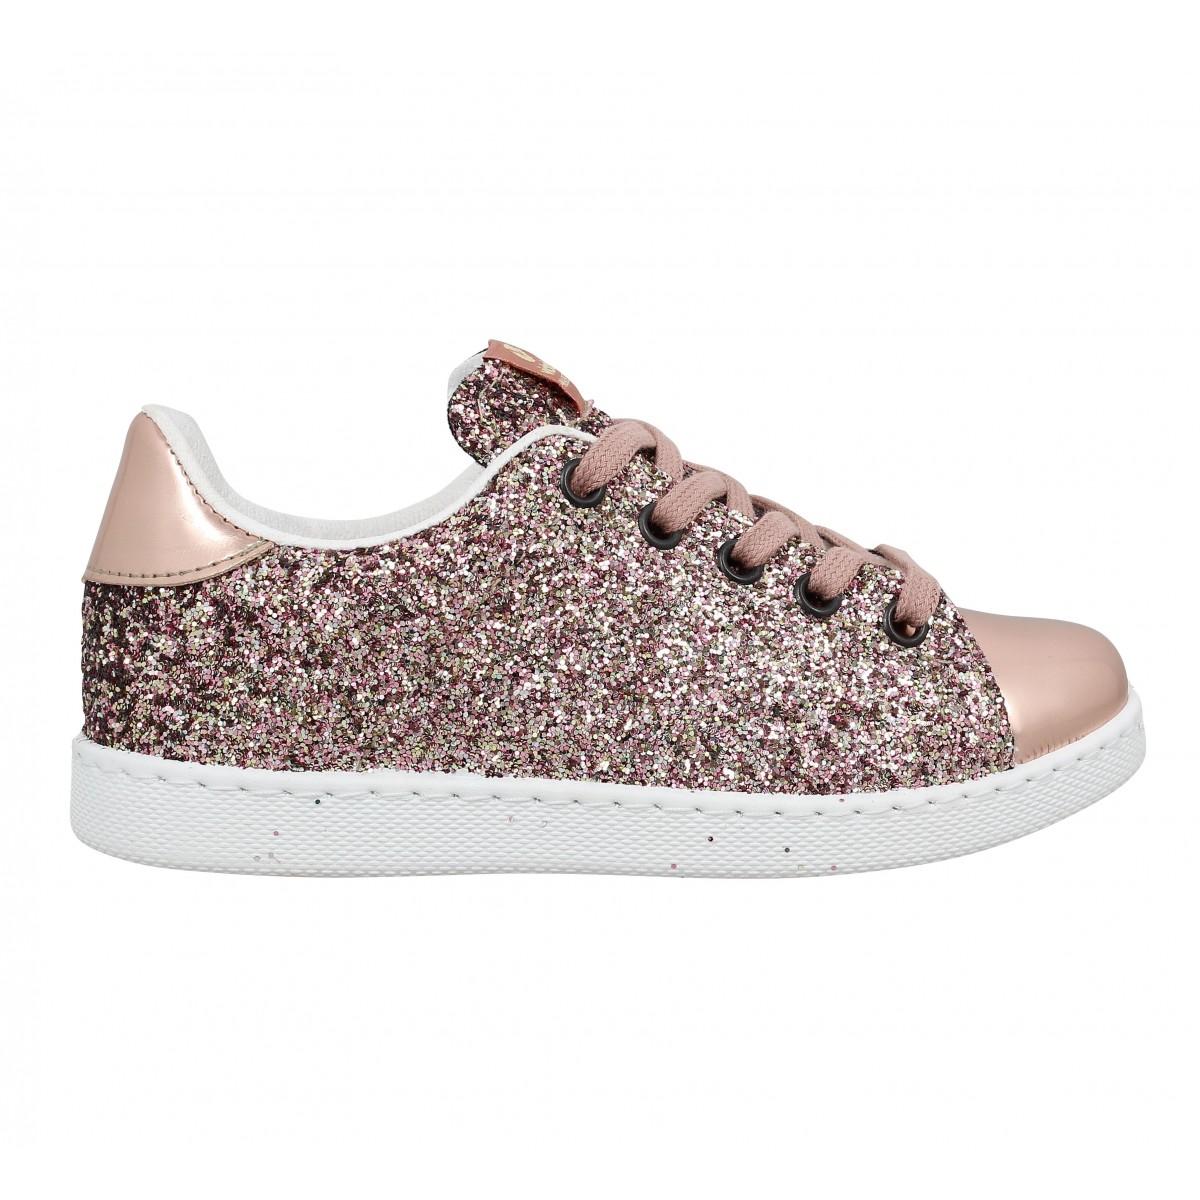 soldes victoria 12558 glitter rosa enfants fanny chaussures. Black Bedroom Furniture Sets. Home Design Ideas